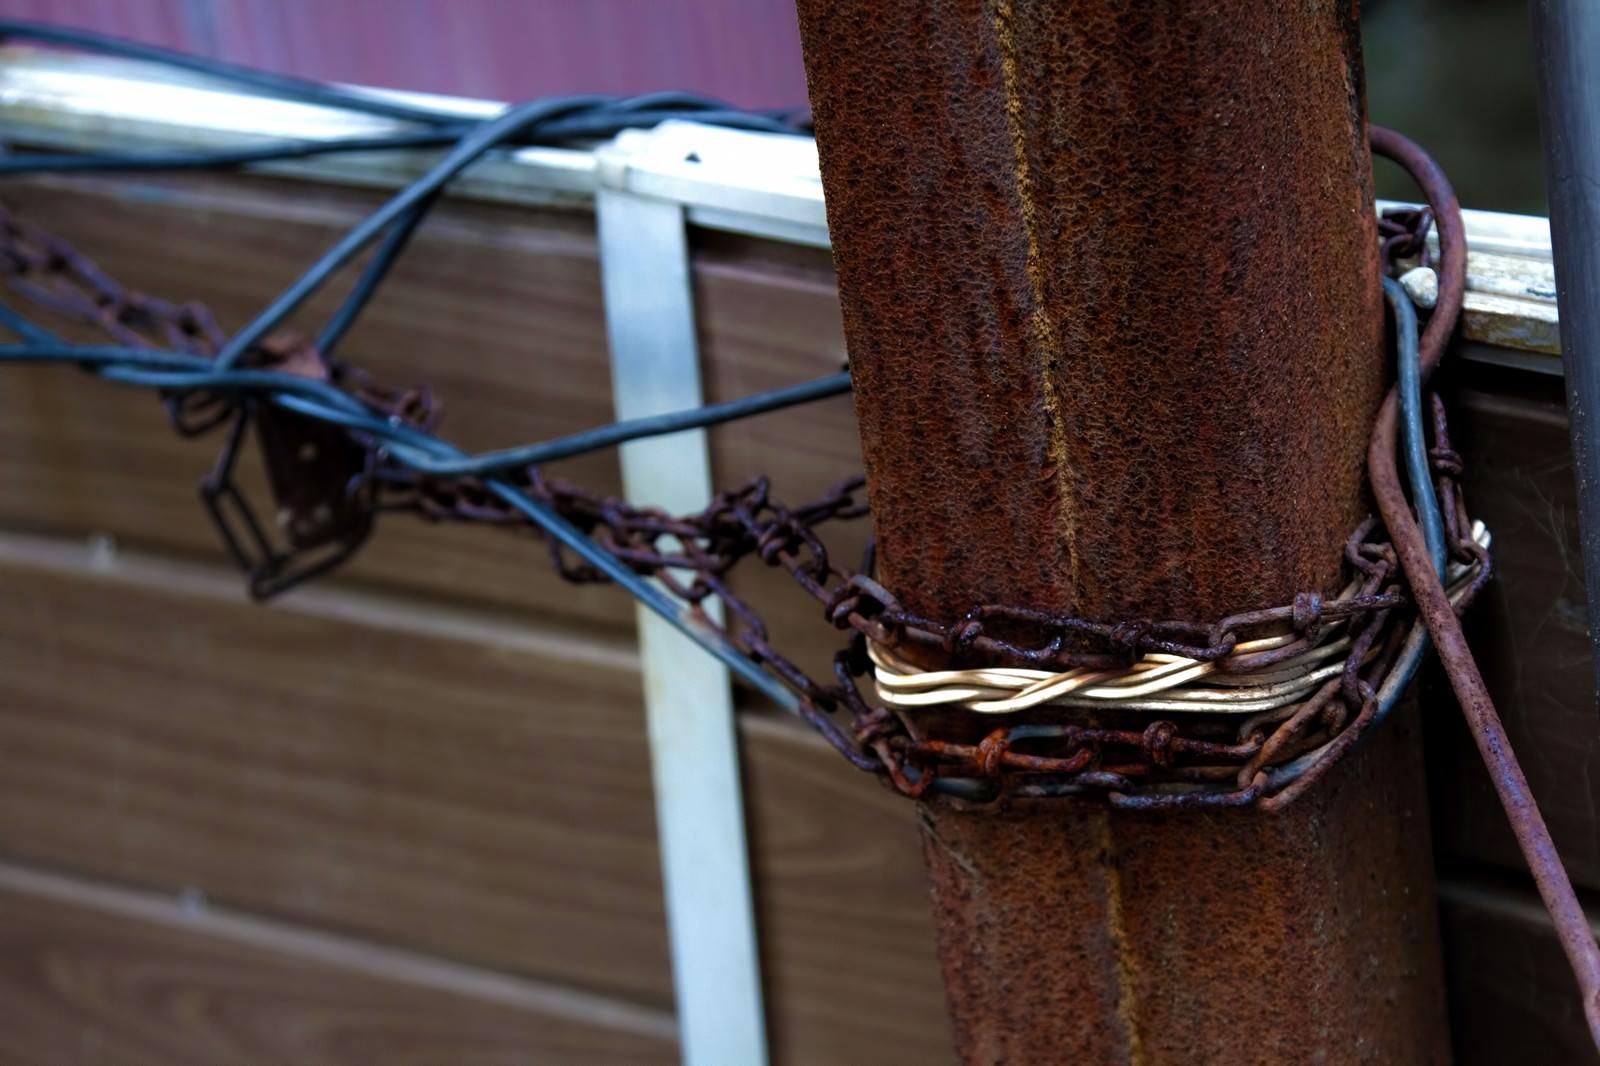 「鎖がぐるぐる巻かれた進入禁止場所」の写真